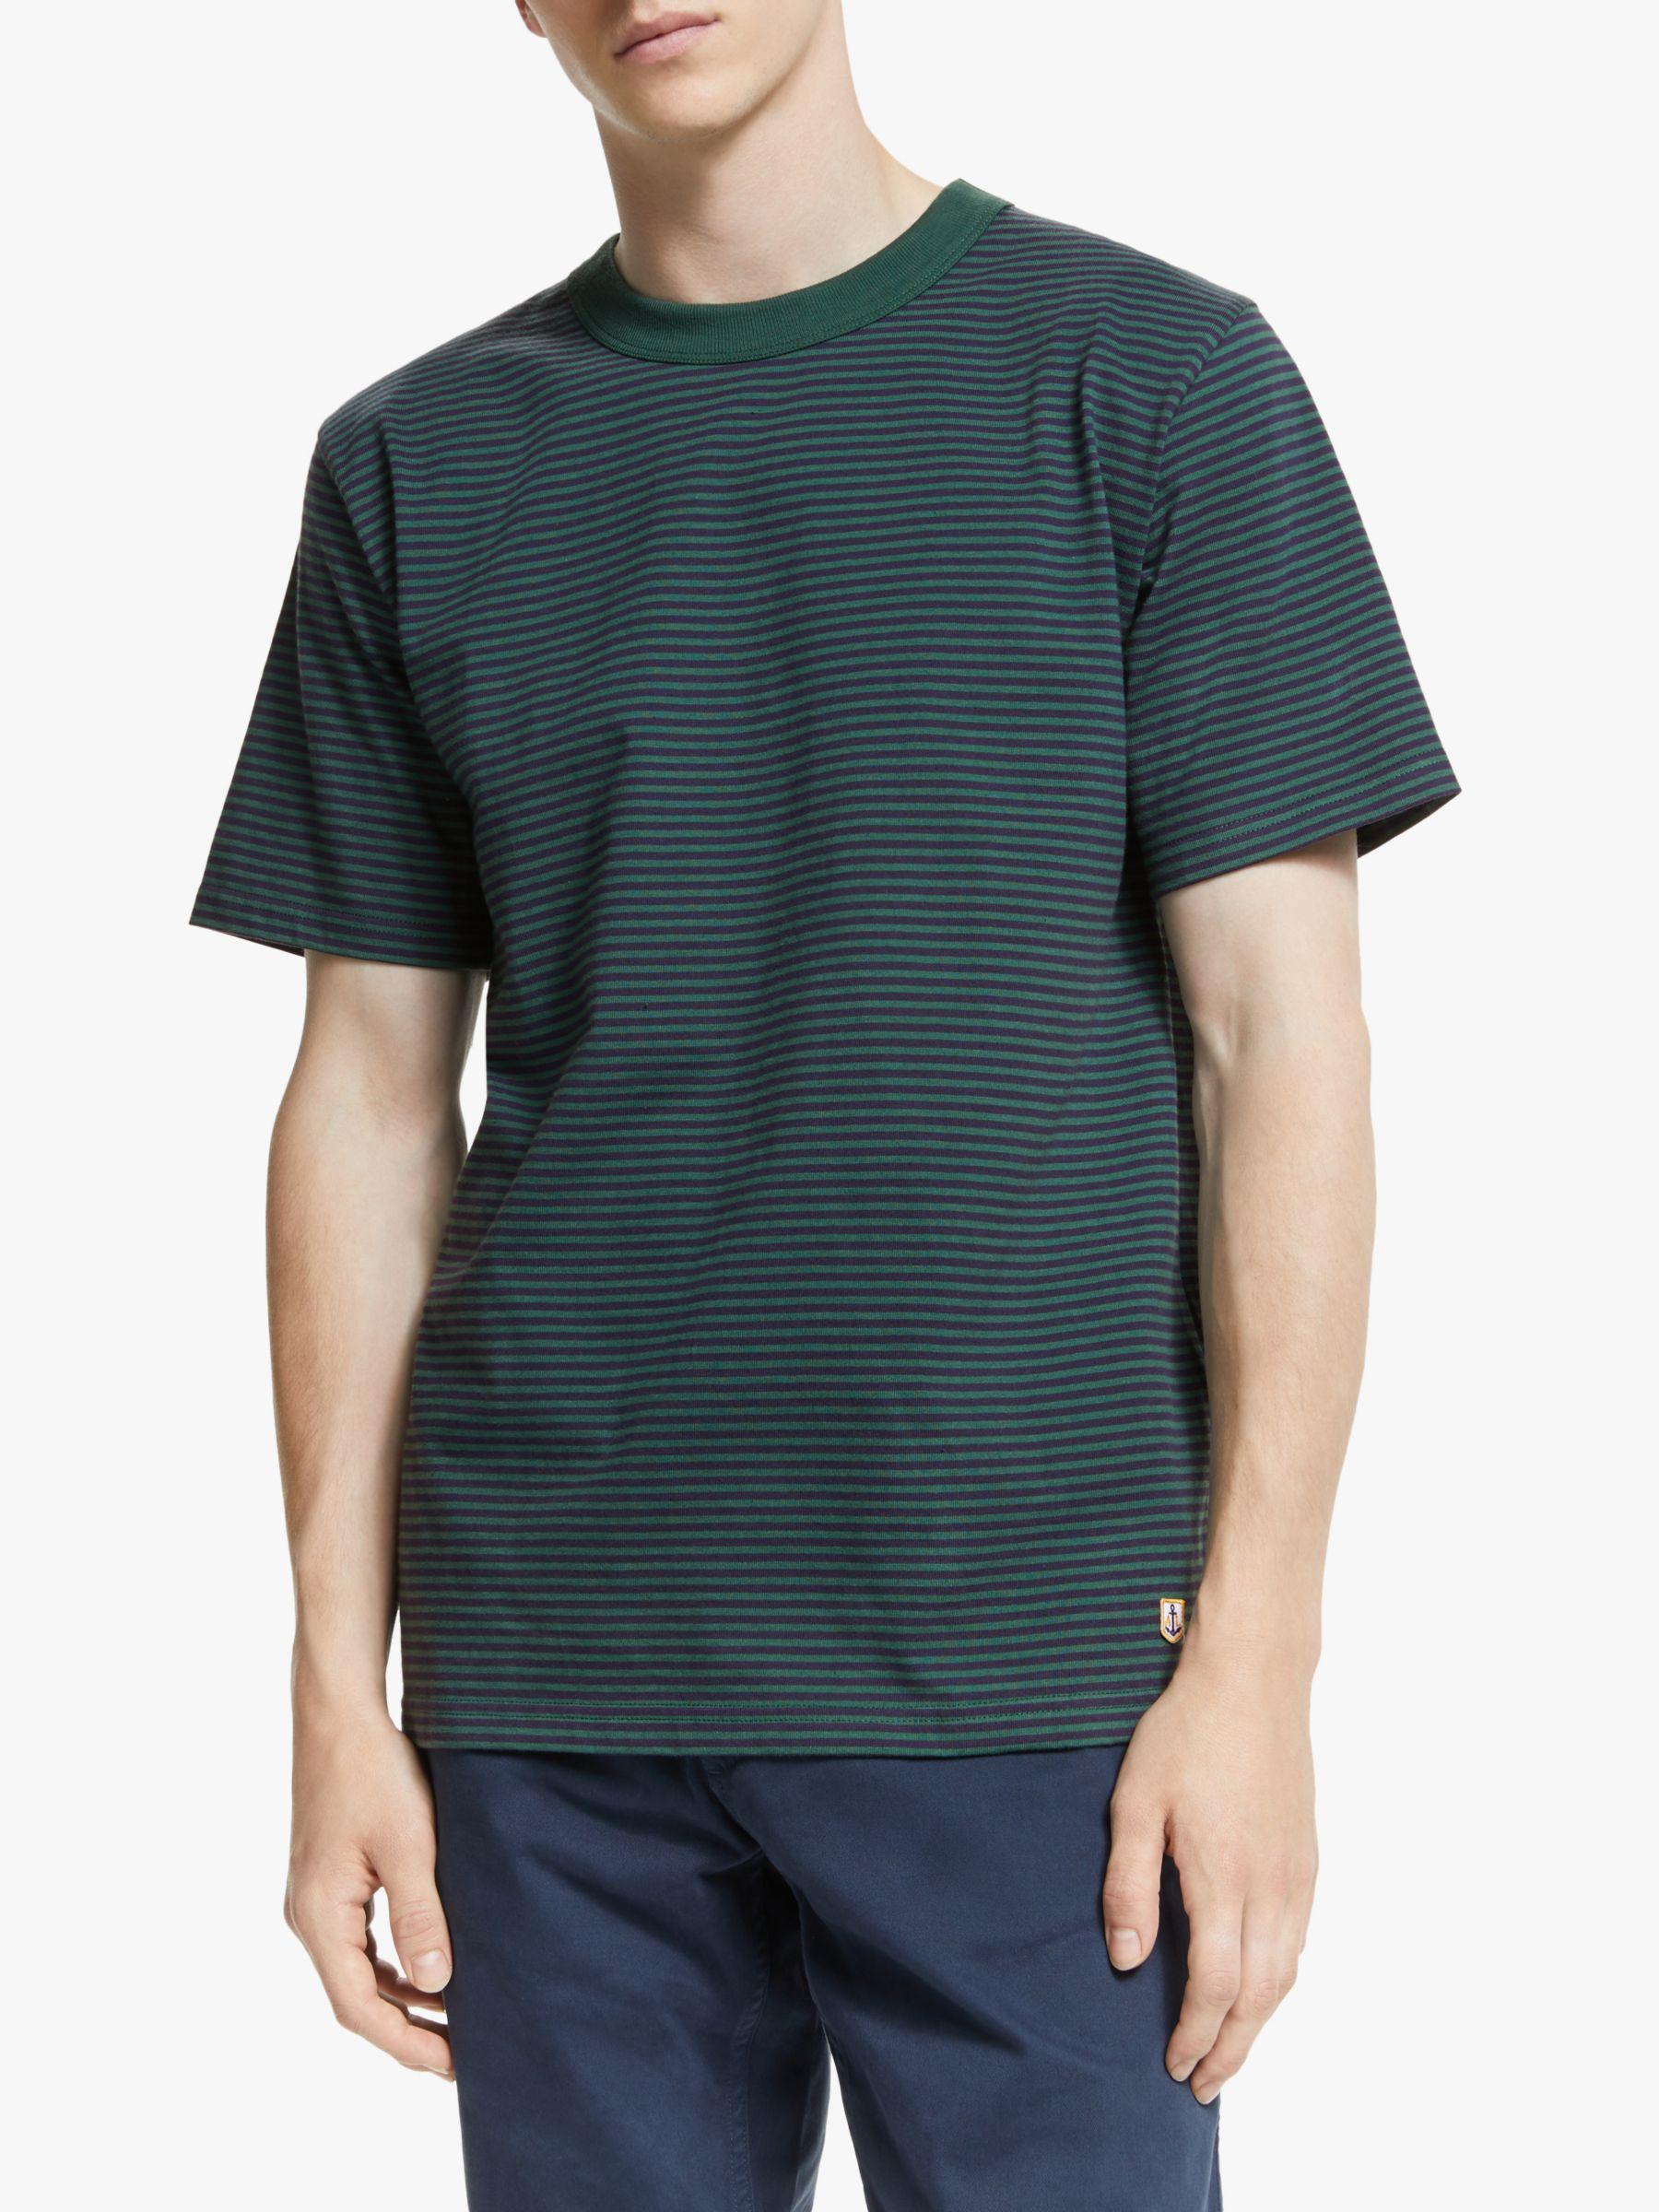 Armor lux Armor Lux Héritage Stripe T-Shirt, DBK Navire/Bottle